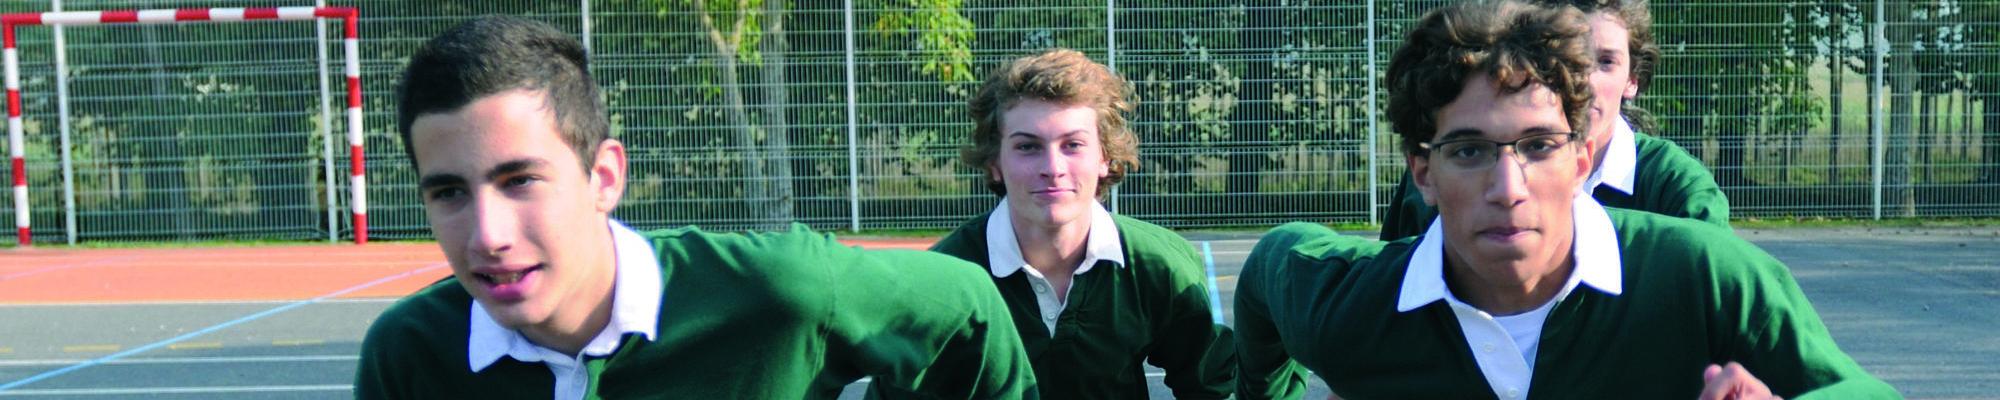 eleve en uniforme en train de courir au chateau Vaillant internat college lycee esport